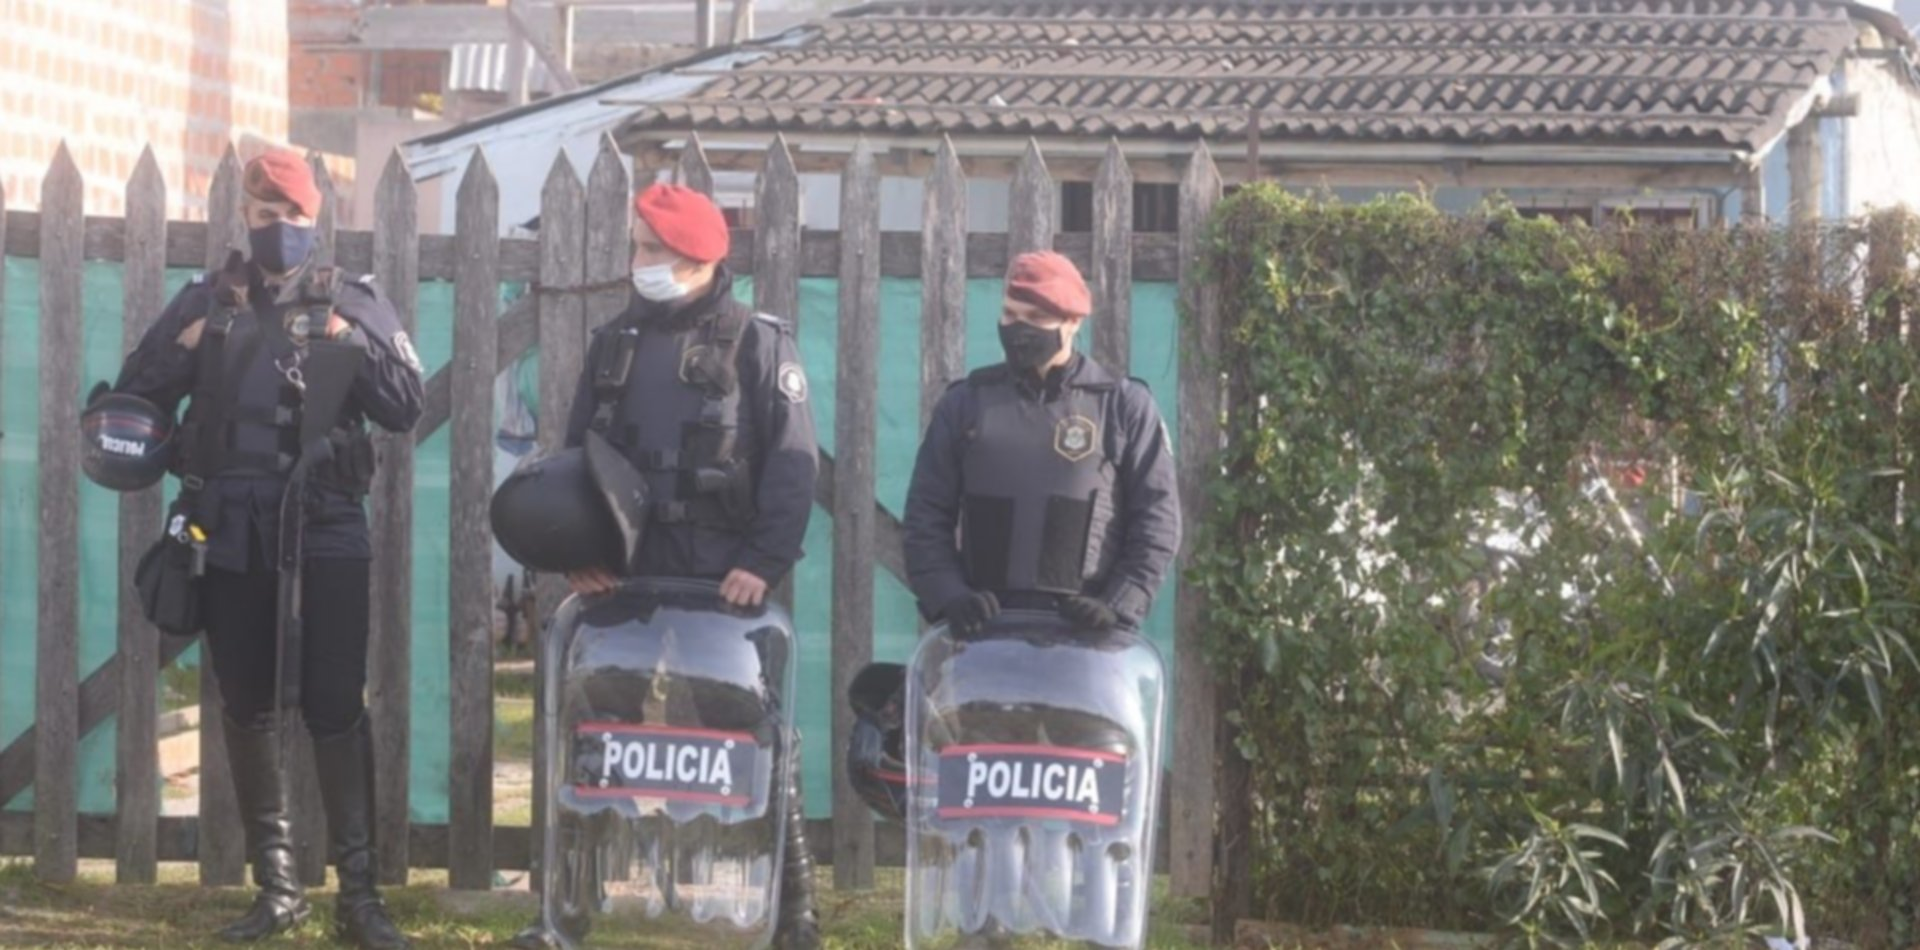 Crimen, incendio y tensión: así está el barrio de La Plata donde mataron a un joven